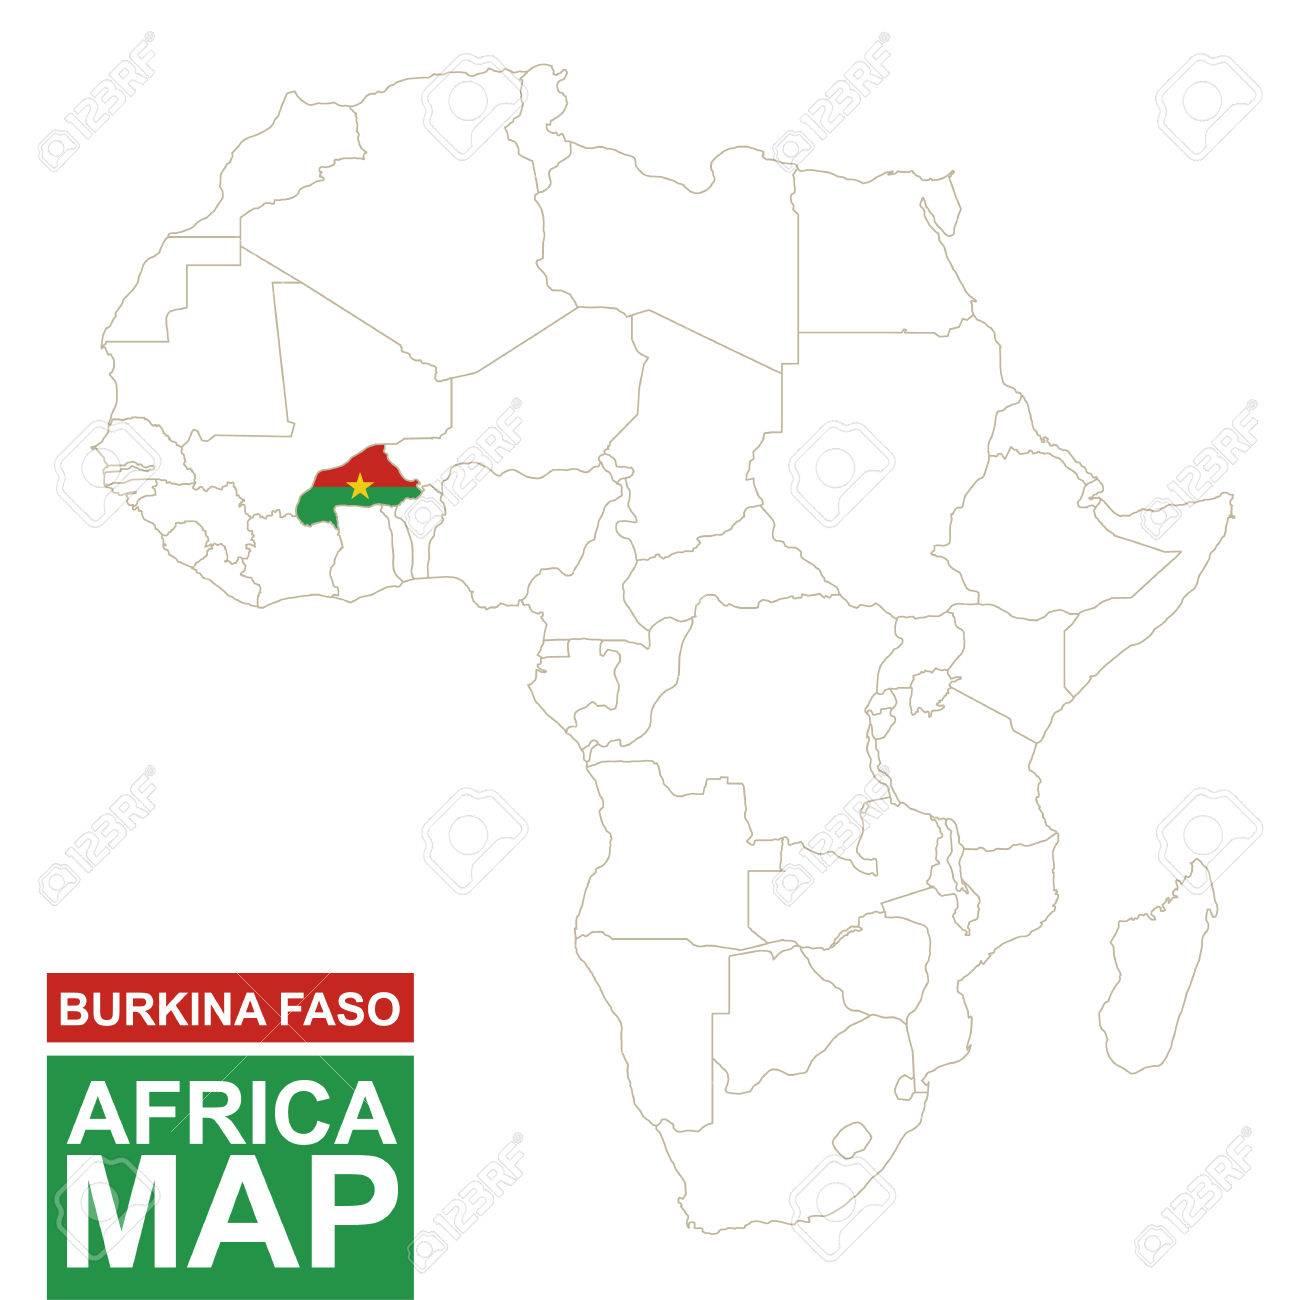 Carte Afrique Burkina Faso.Carte Contournee De L Afrique Avec Le Burkina Faso Mis En Evidence Carte Du Burkina Faso Et Drapeau Sur La Carte De L Afrique Illustration